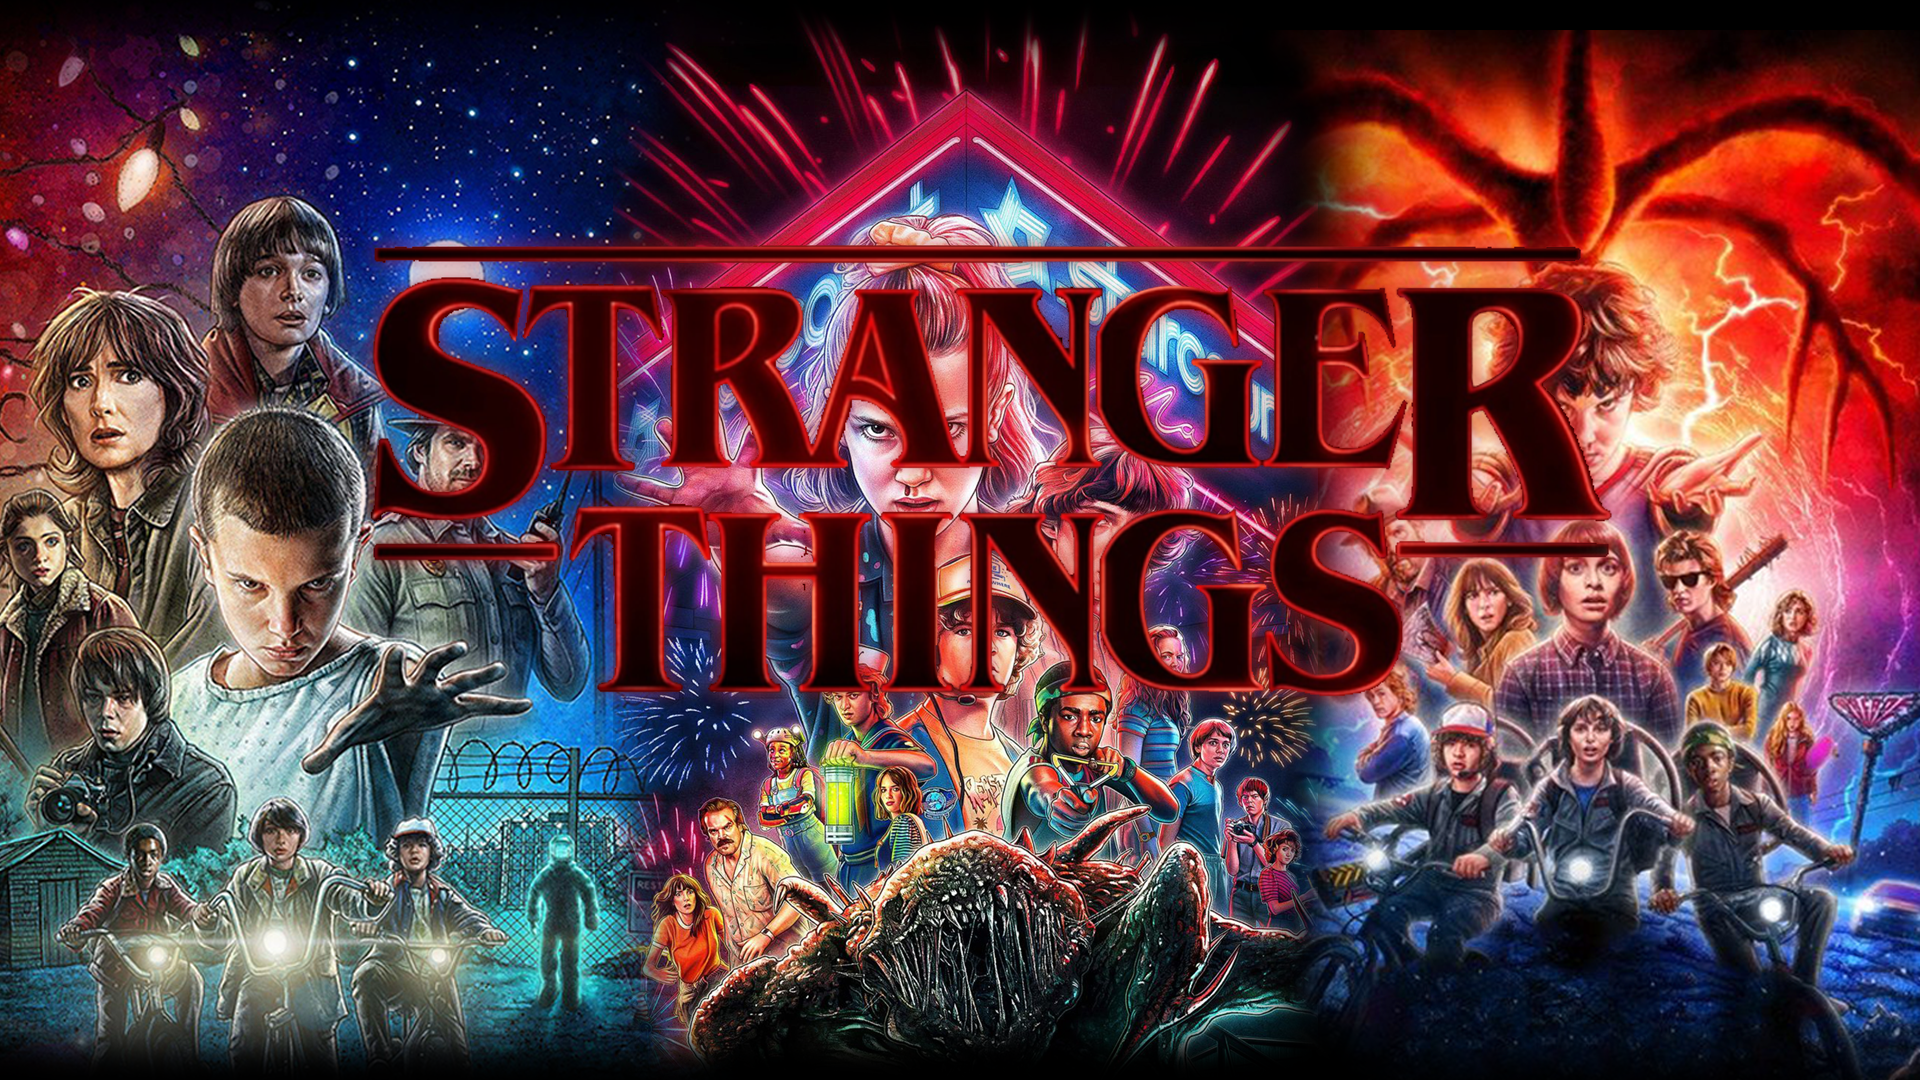 Stranger Things S1 S2 S3 1920x1080 Heaven Wallpaper Stranger Things Wallpaper Wallpaper